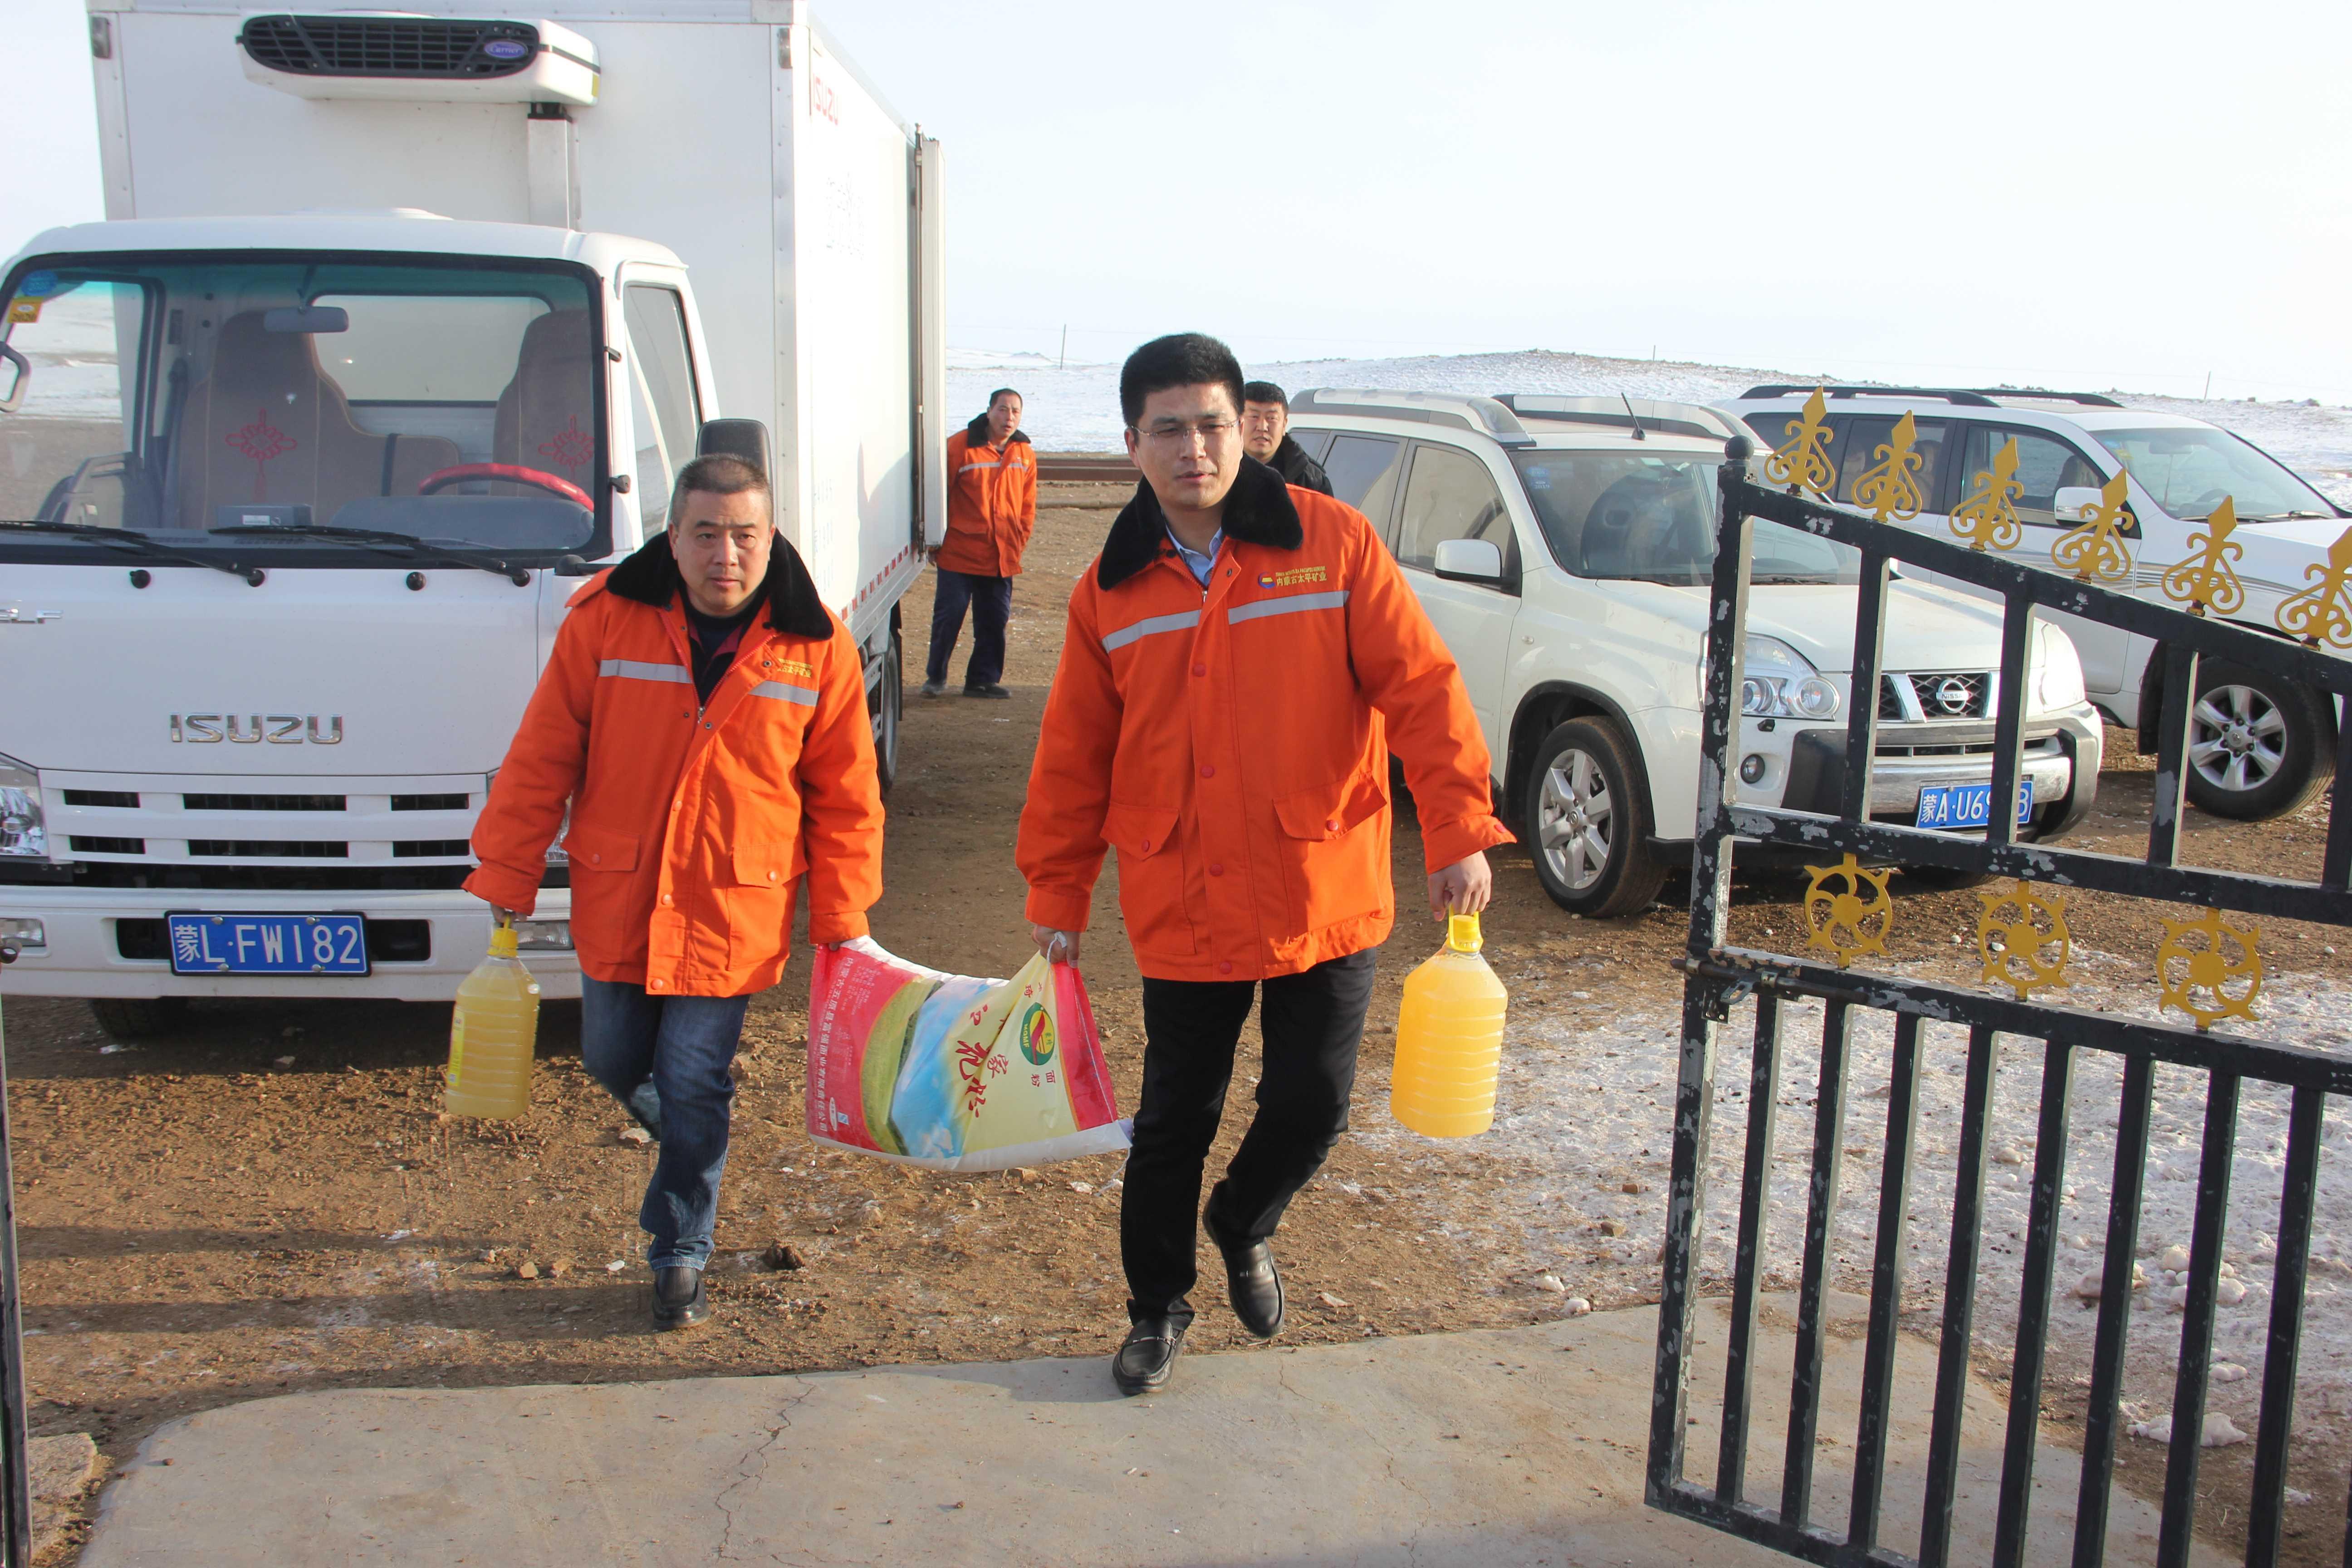 内蒙古承平展开春节前访问慰劳-给周边牧民送米面油